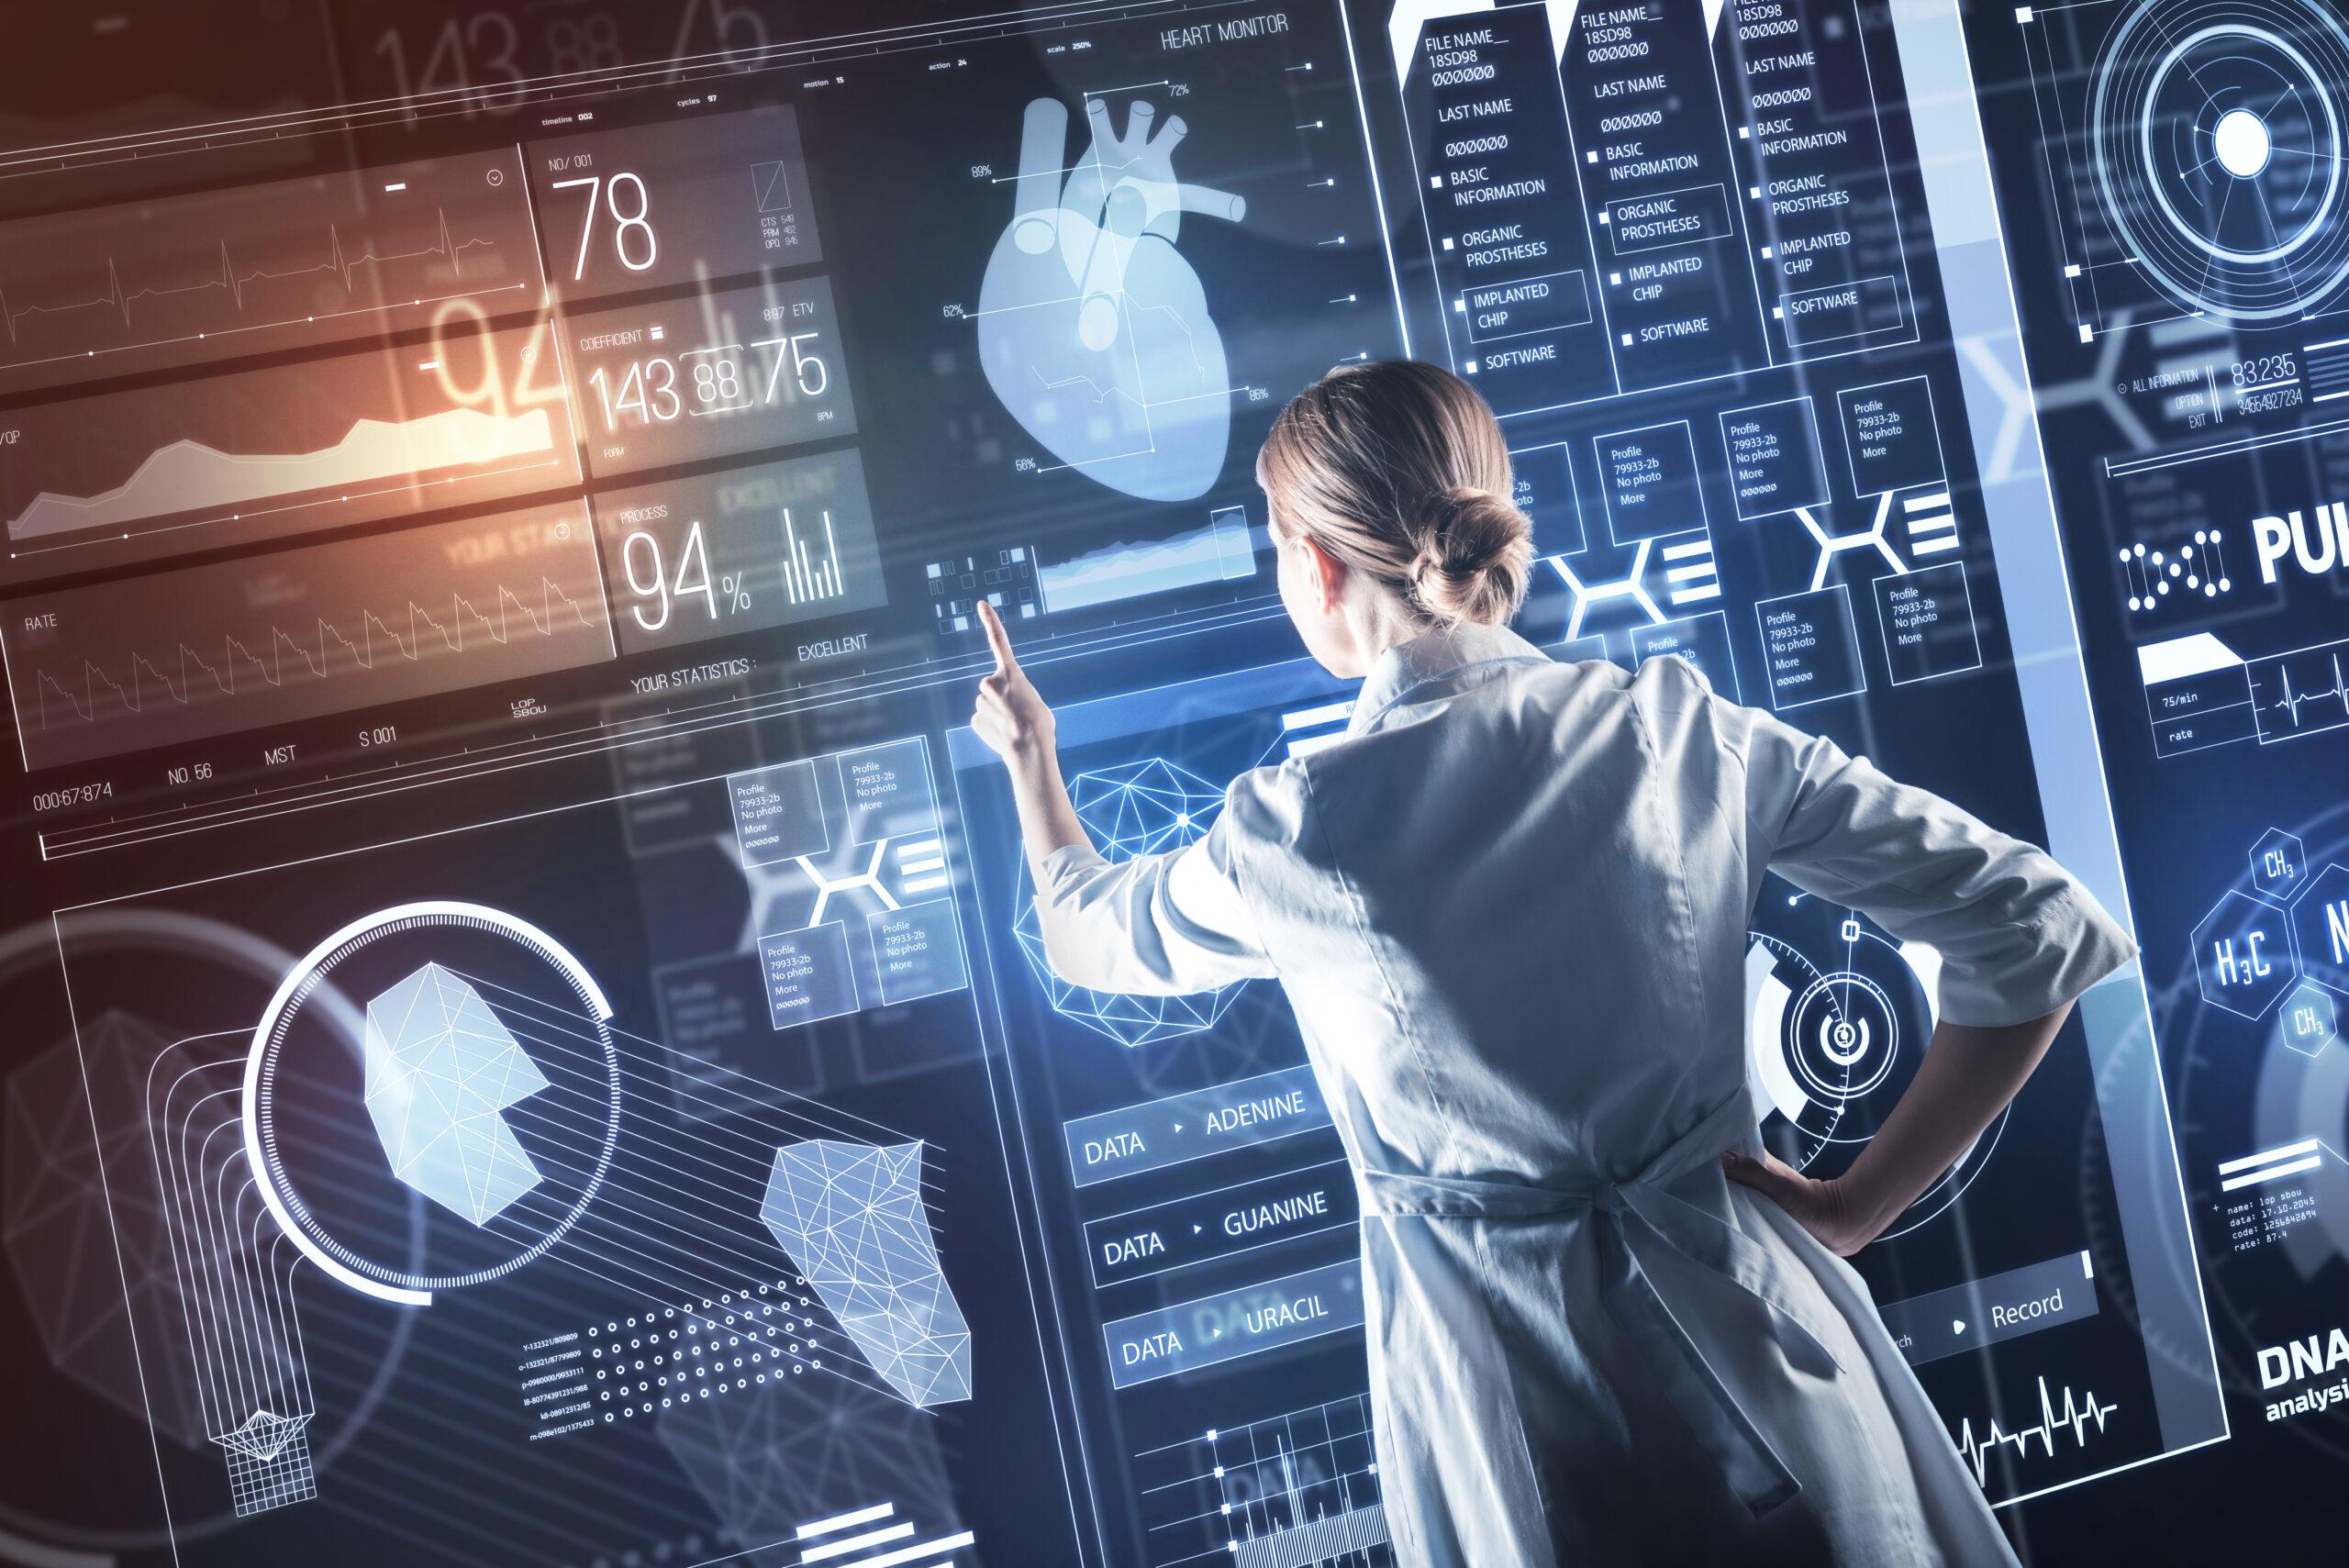 pozycjonowanie stron medycznych